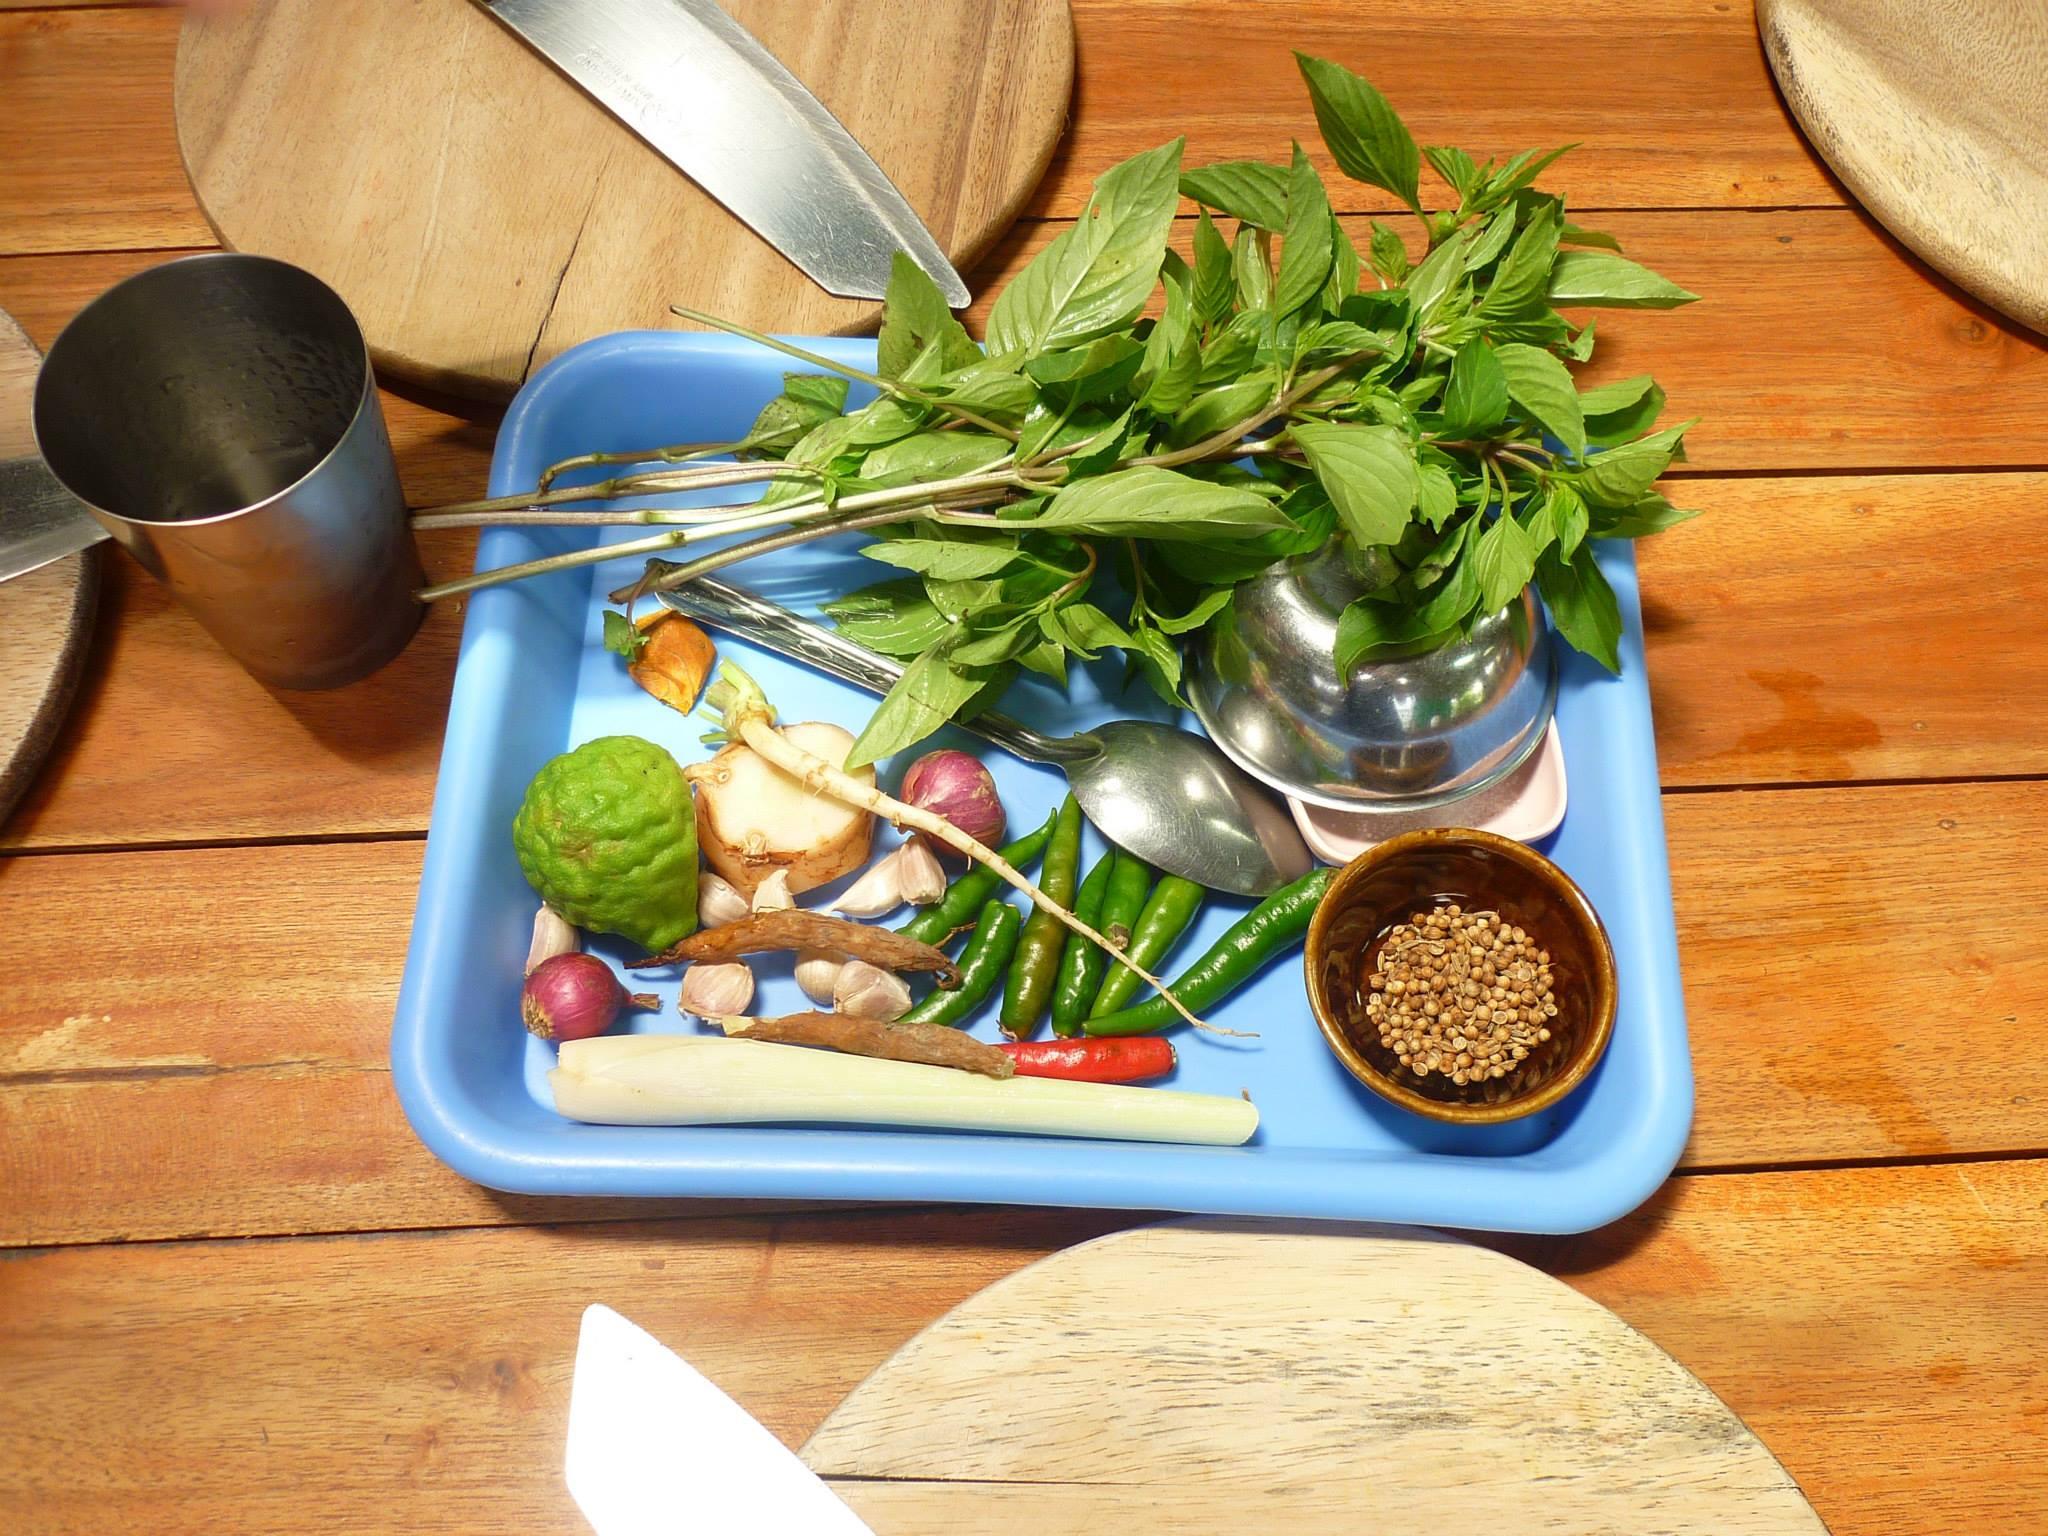 Hierbas frescas para preparar pasta de curry verde / M. H.